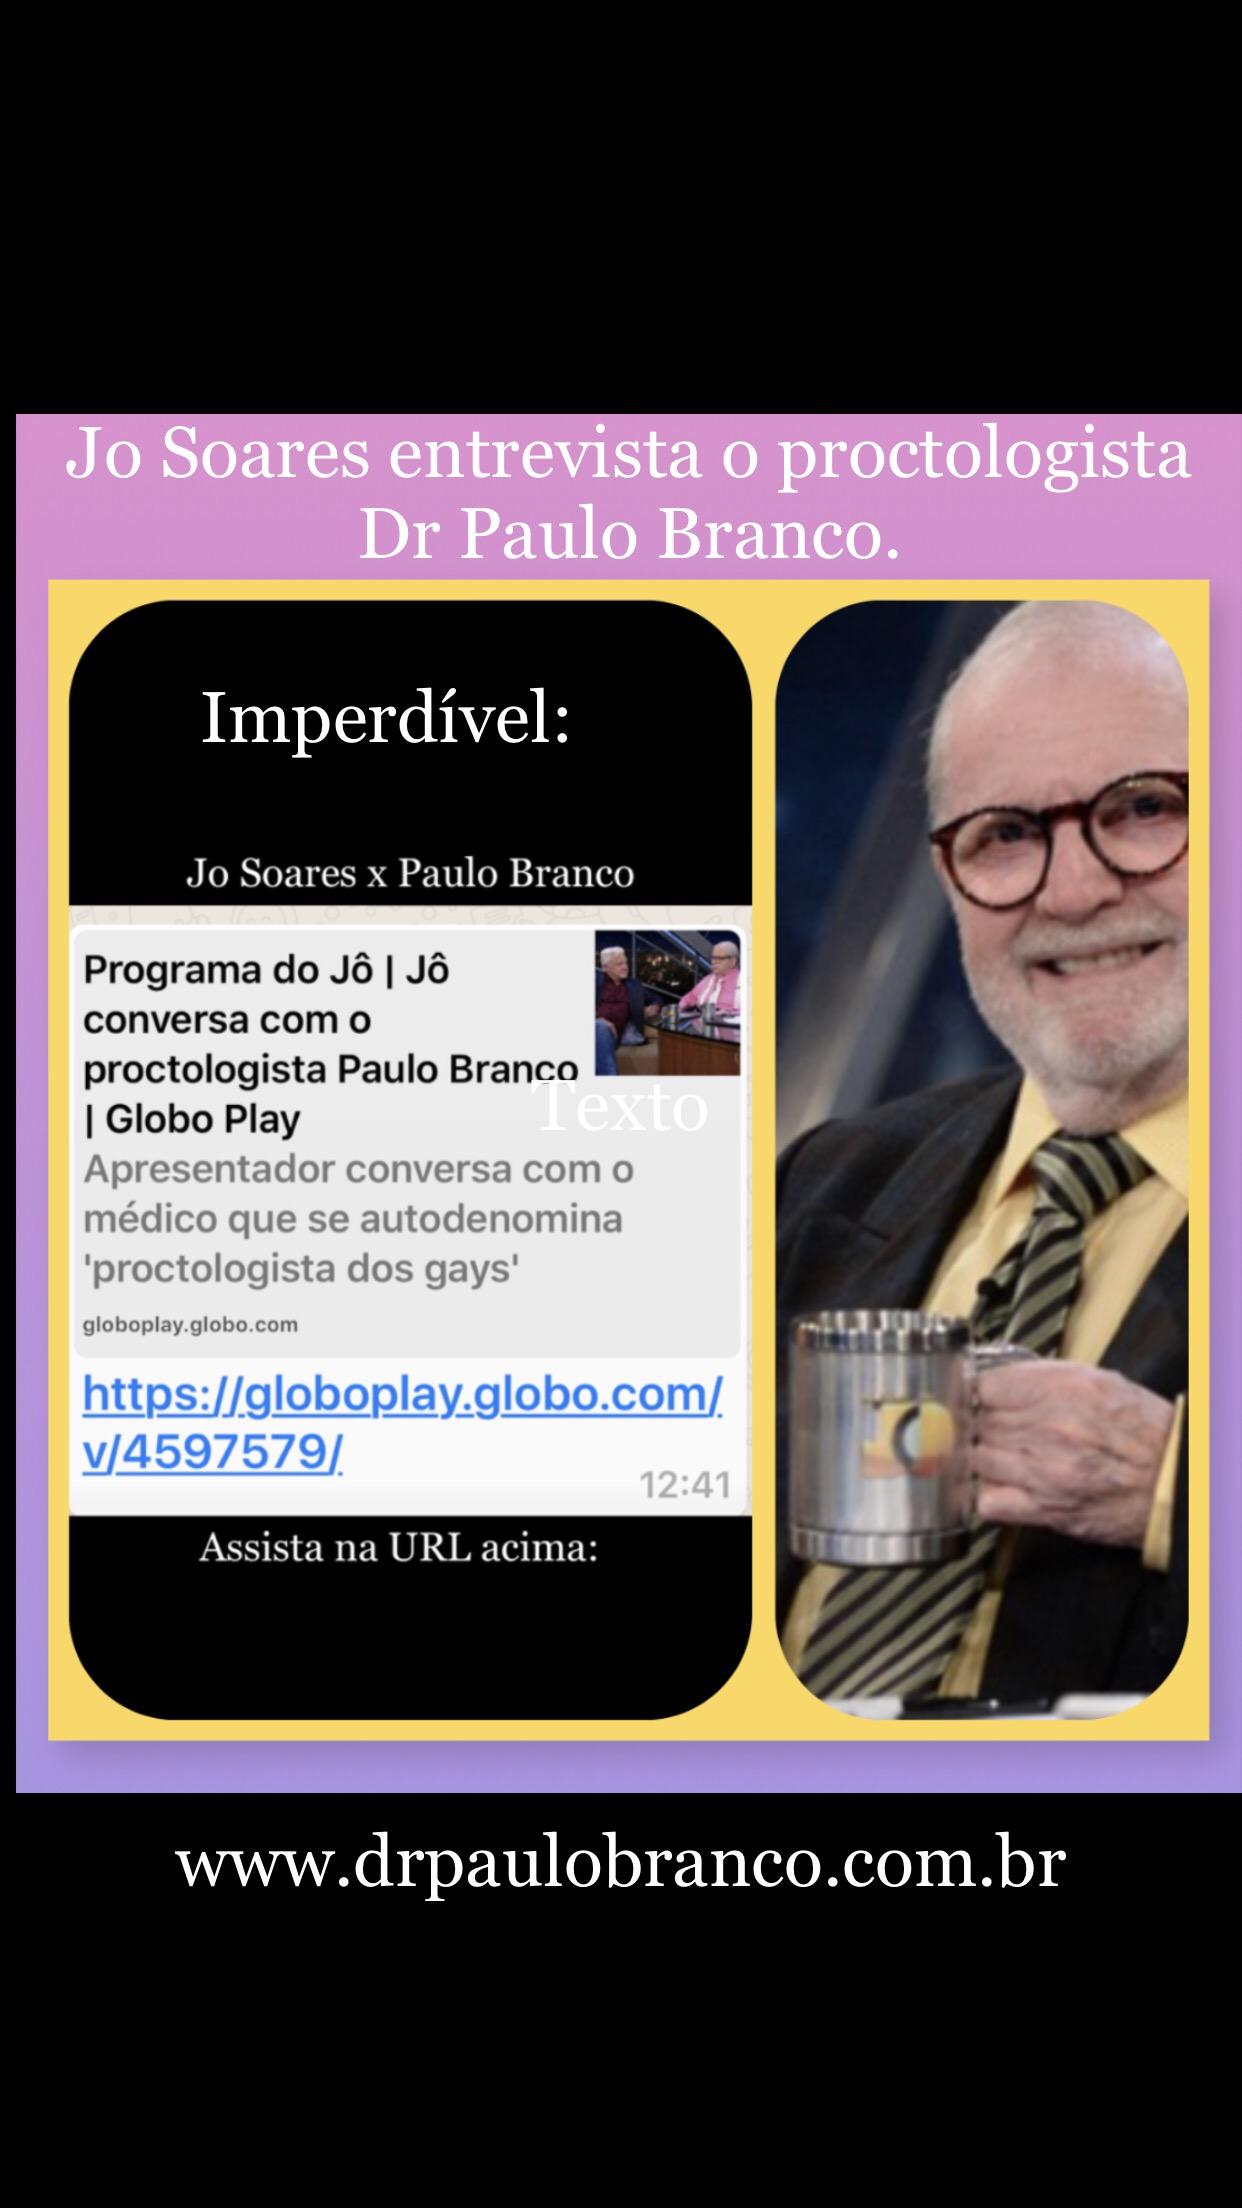 Jo Soares entrevista o proctologista online sobre o tratamento das doenças proctologicas tratadas com laser.